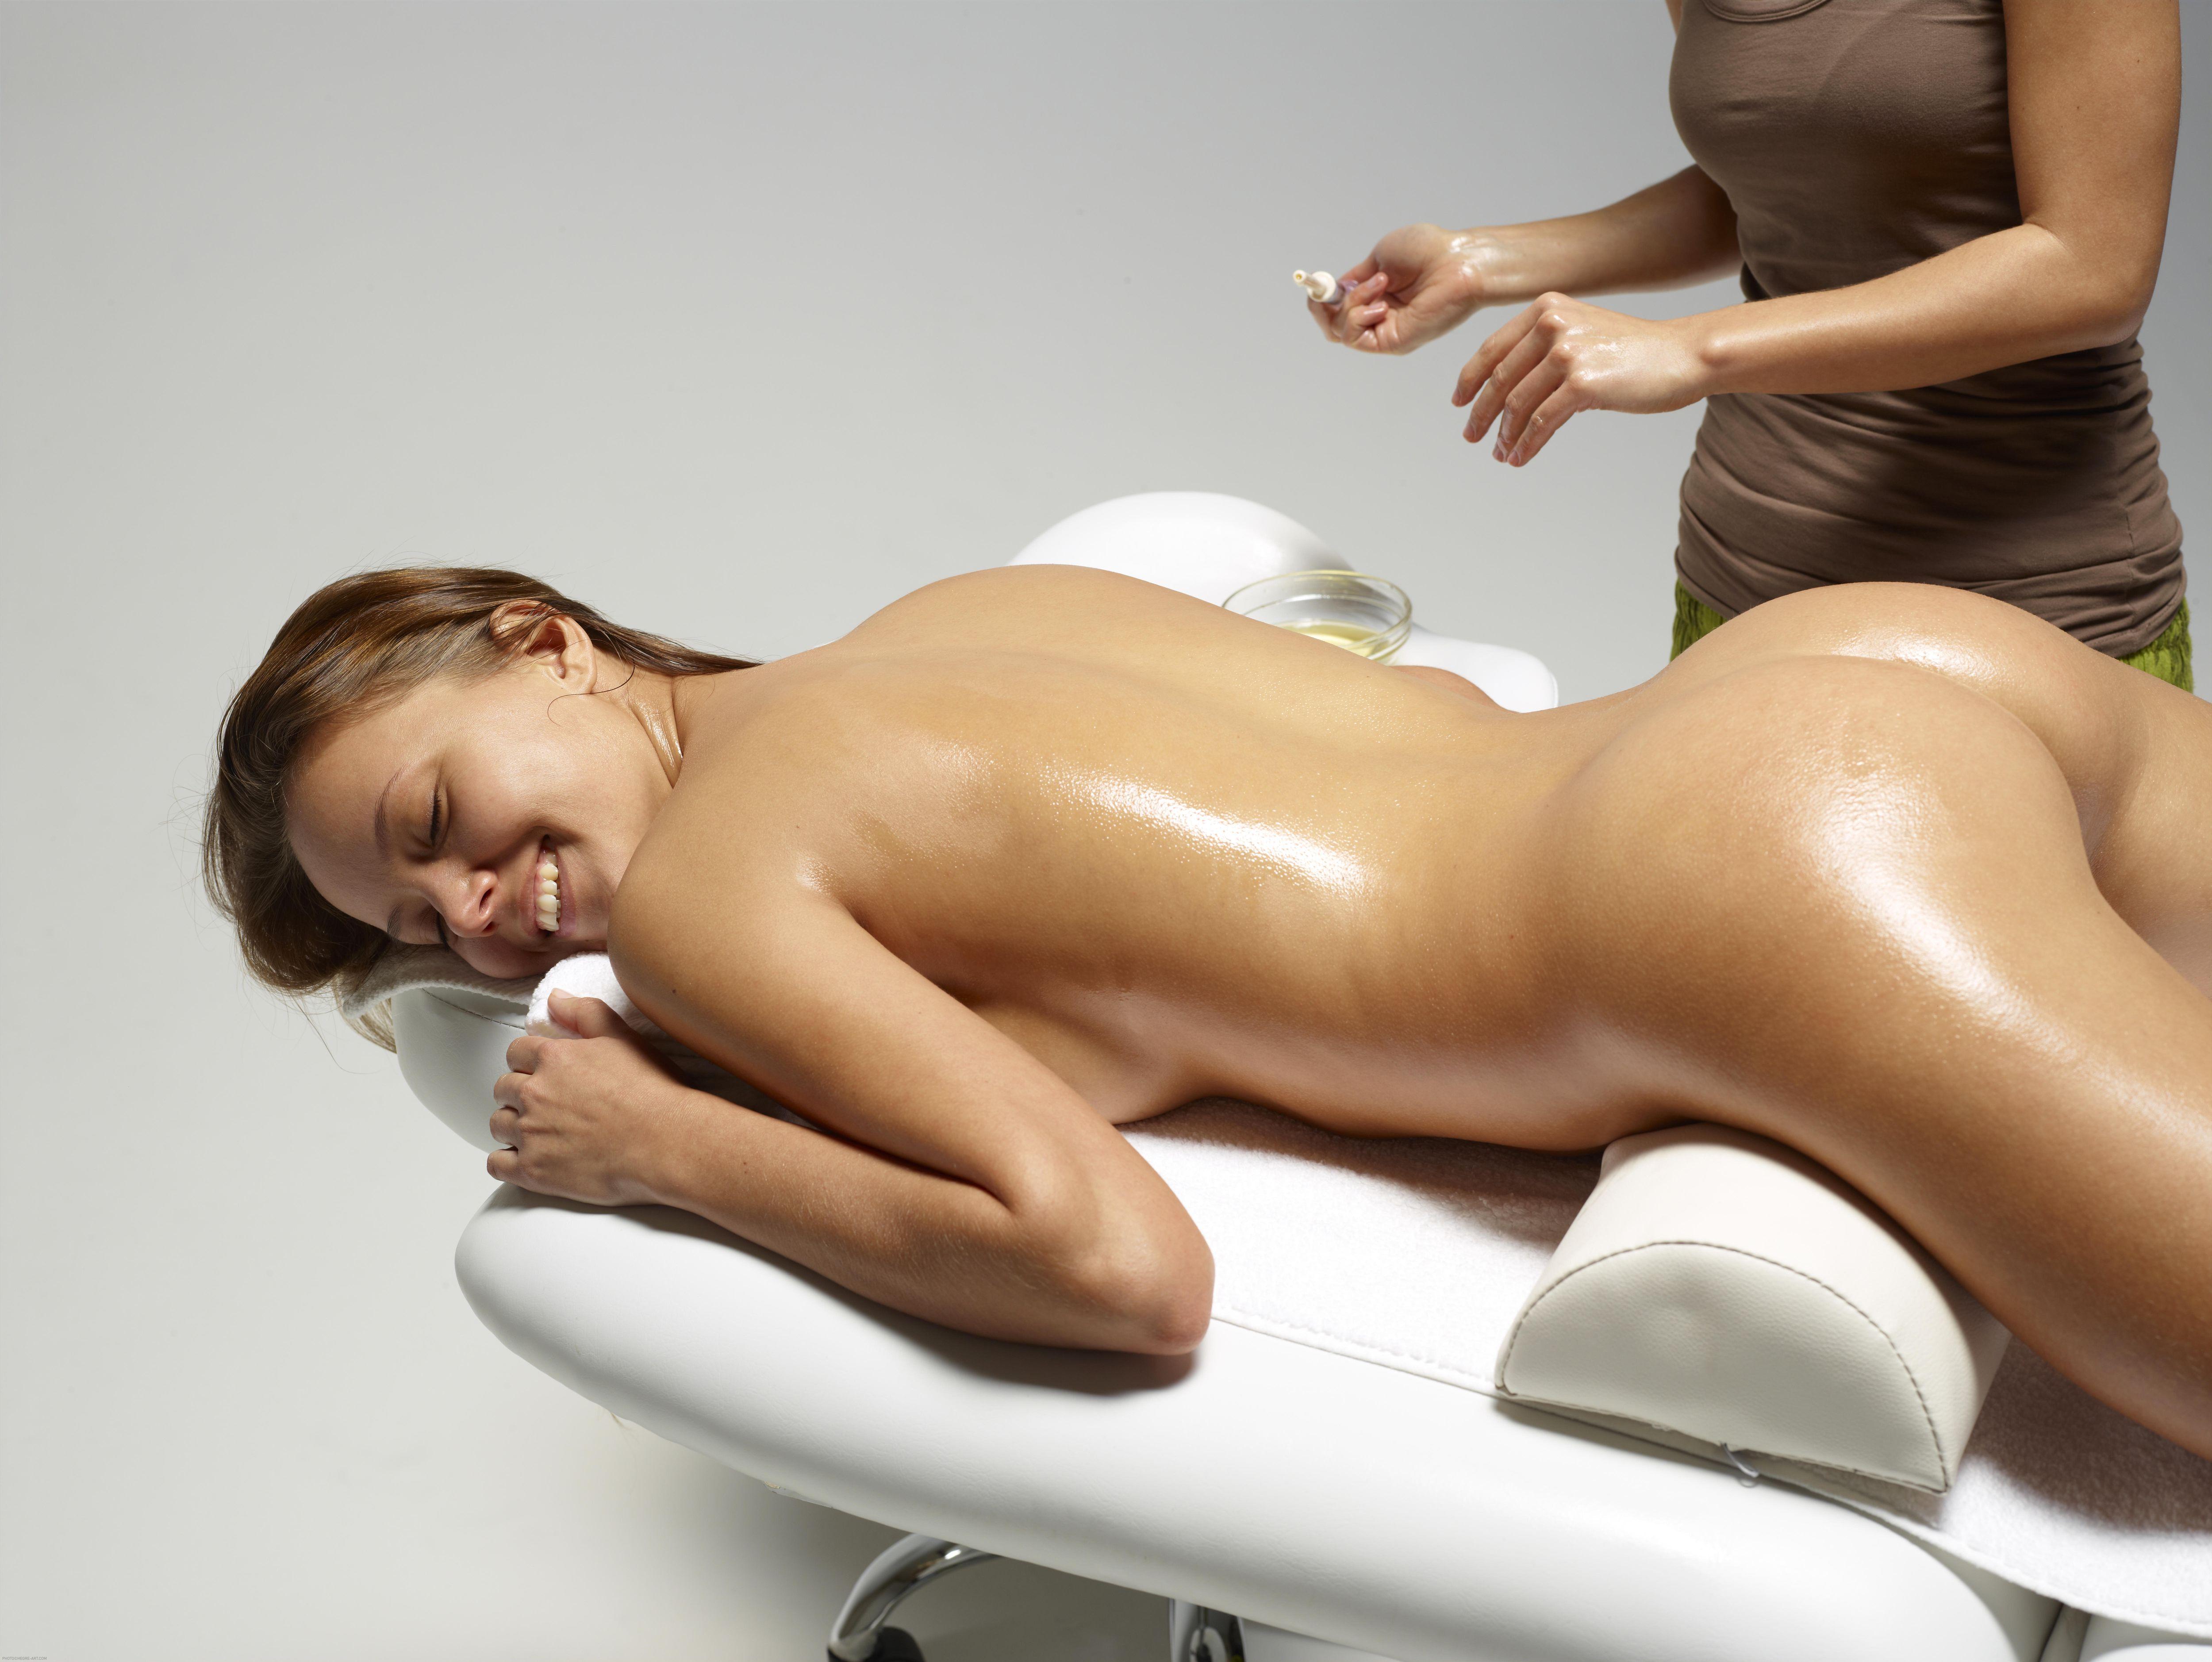 Butt massage sex